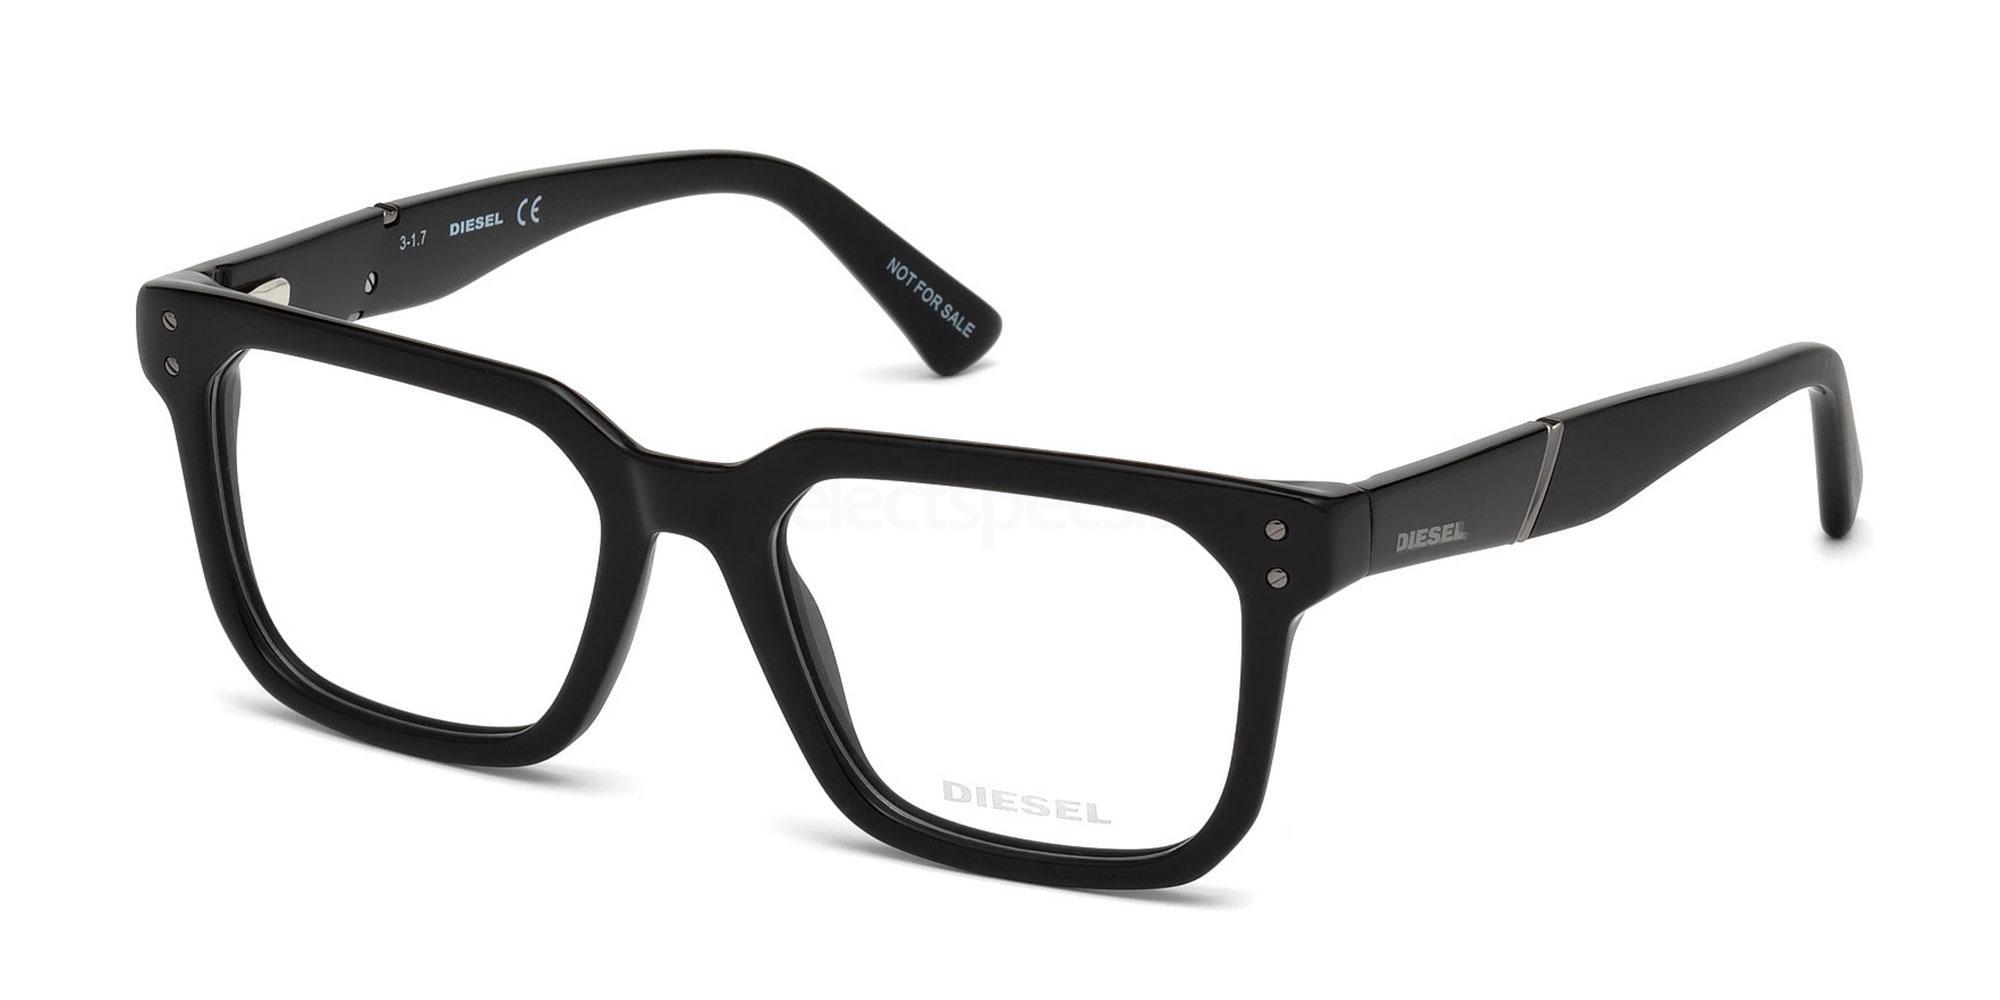 001 DL5263 Glasses, Diesel